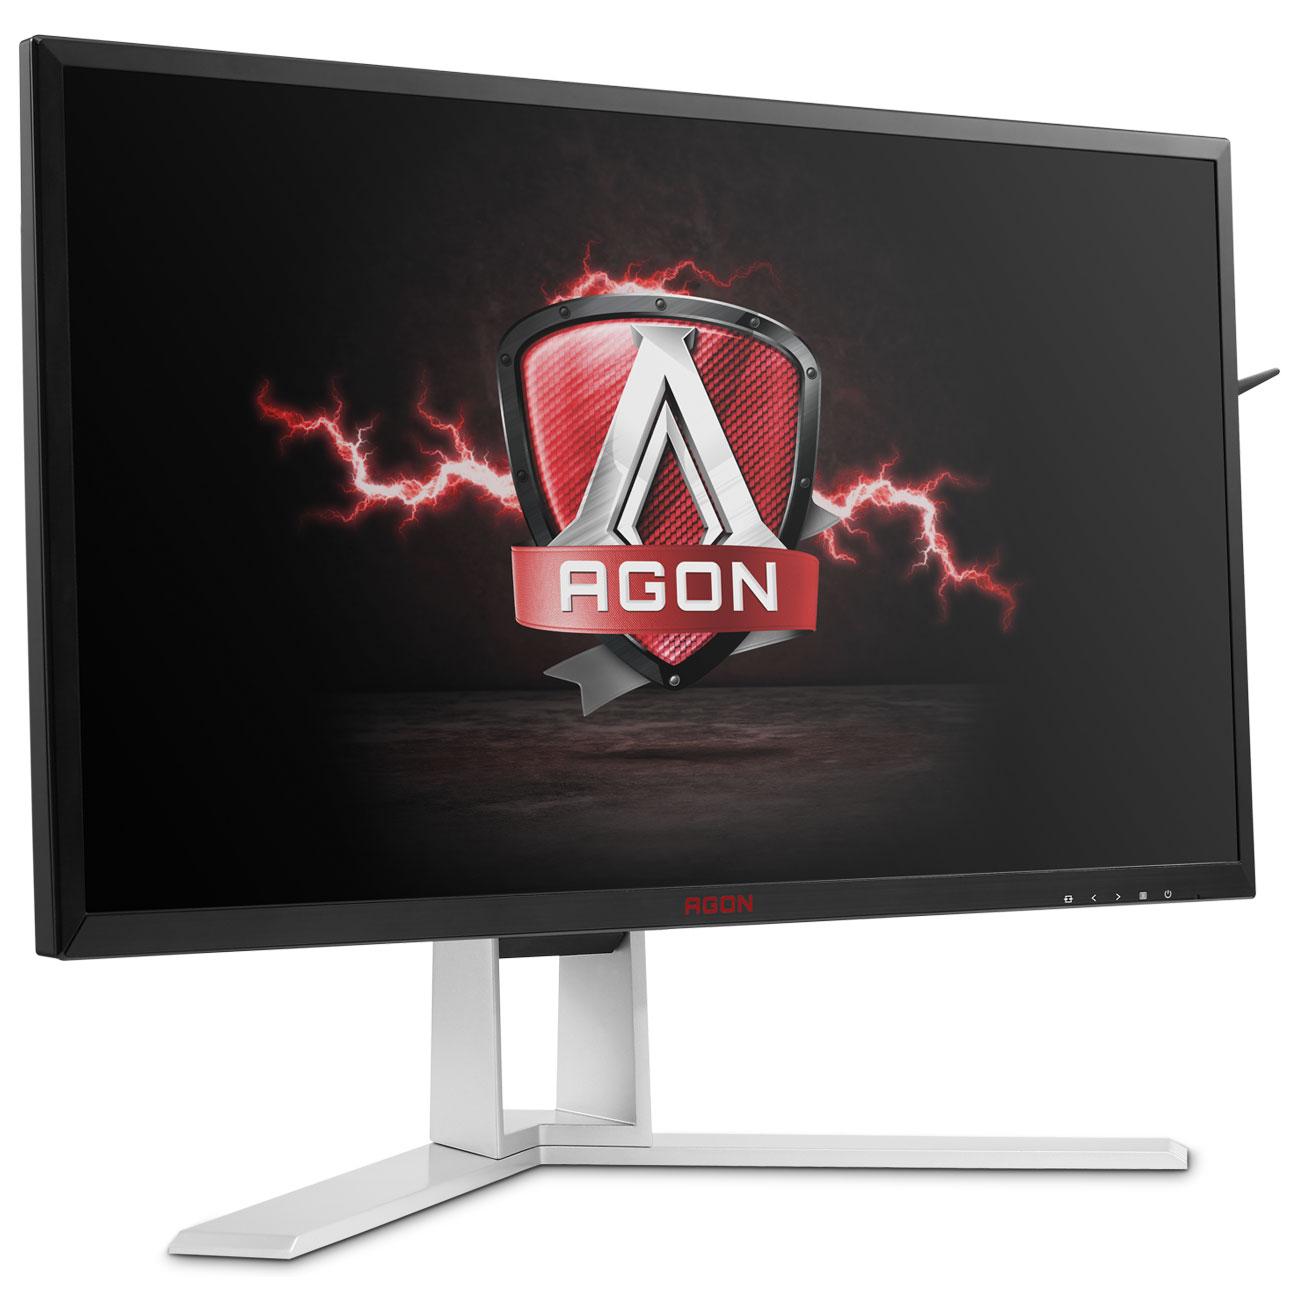 """Ecran PC AOC 23.8"""" LED - AGON AG241QG G-SYNC 2560 x 1440 pixels - 1 ms (gris à gris) - Format large 16/9 - 144 Hz - G-SYNC - DisplayPort - HDMI - Pivot - Hub 3.0 - Noir/Rouge/Argent"""